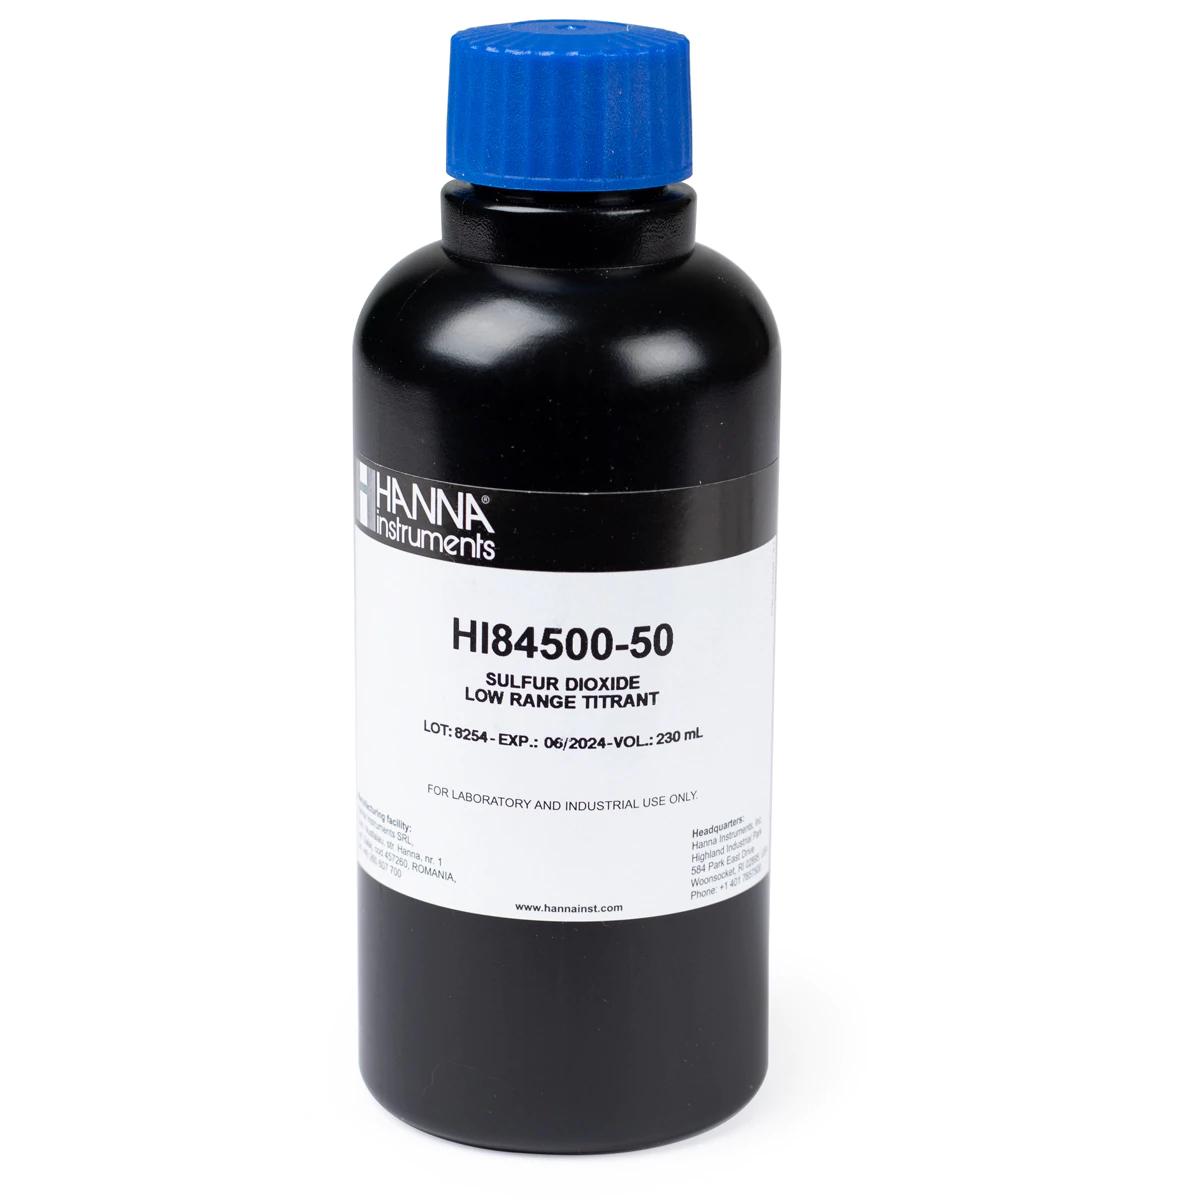 HI84500-50  Titulante de Rango Bajo para Dióxido de Sulfuro en Vinos - HI84500-50(230 mL)